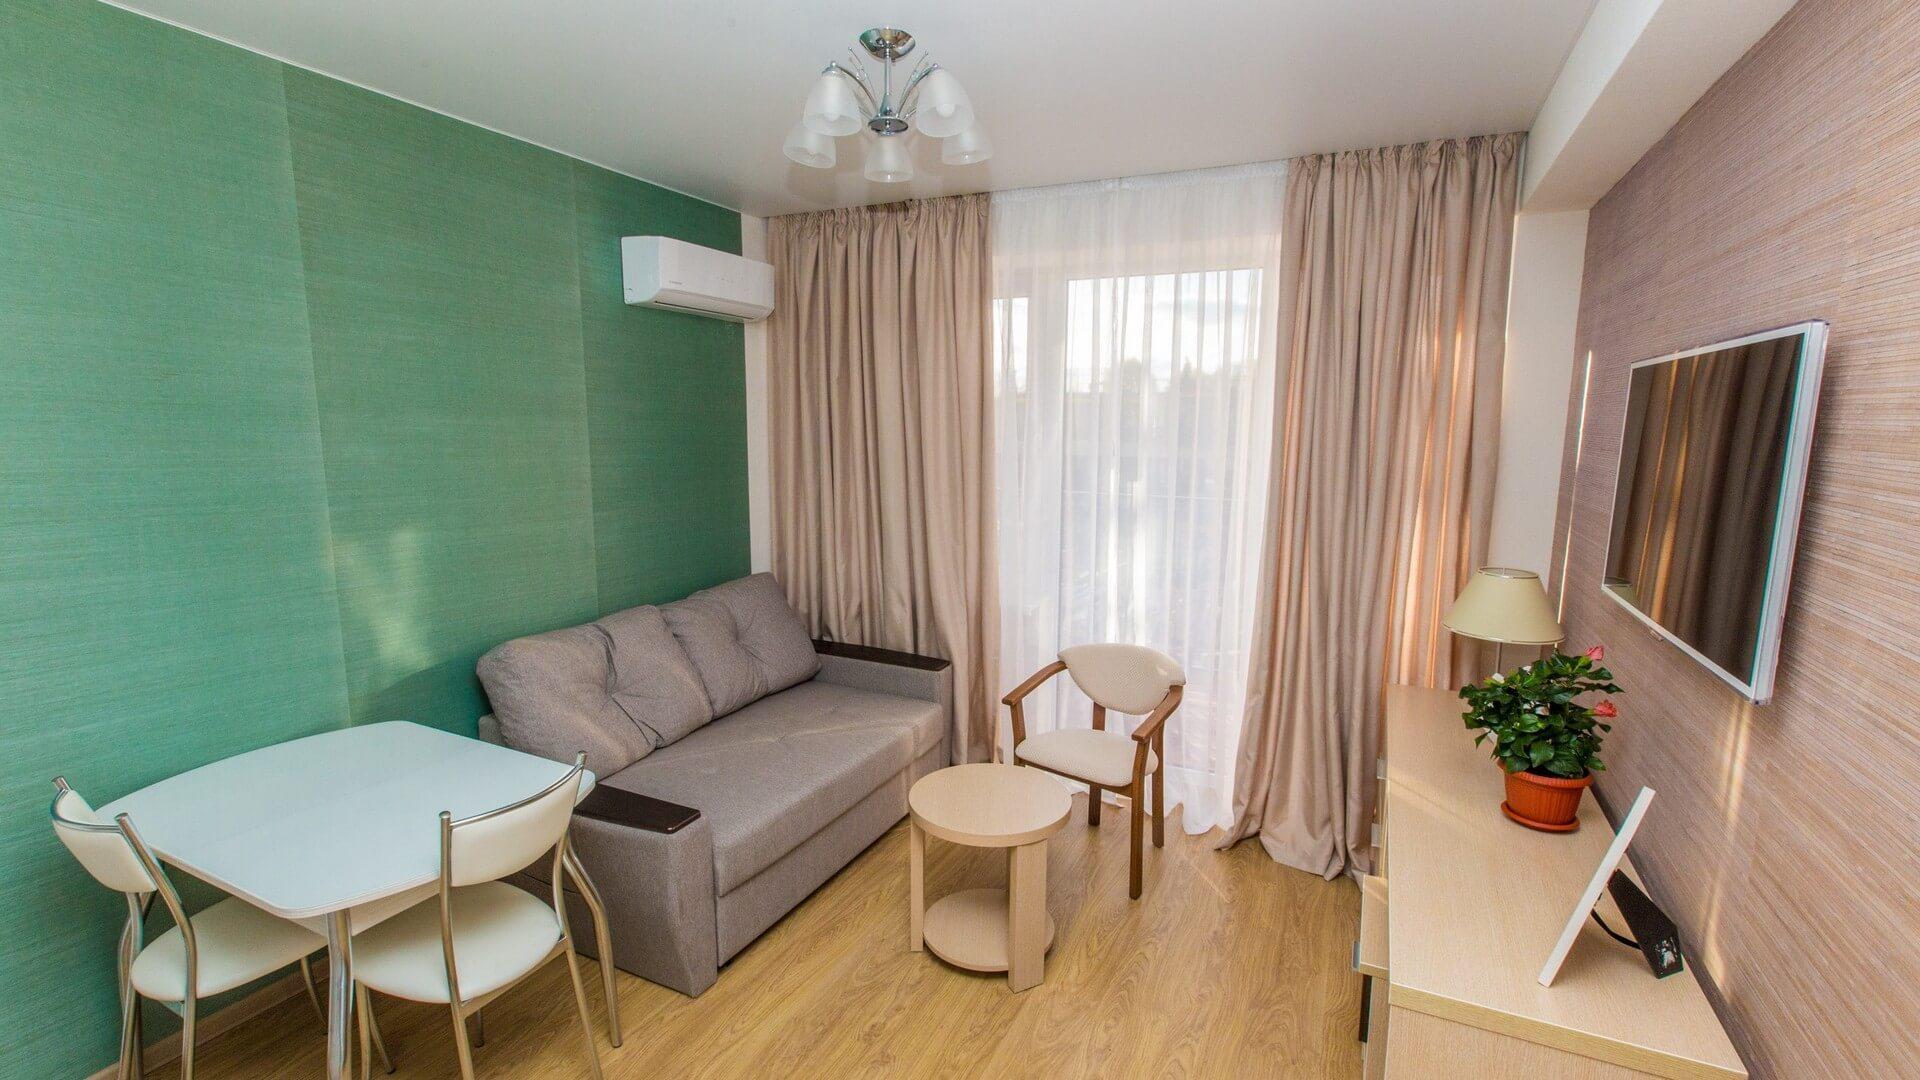 Апартаменты в самом масштабном апартаментом комлексе - image Apartamenty-v-samom-masshtabnom-apartamentom-komlekse-2 on http://bizneskvartal.ru